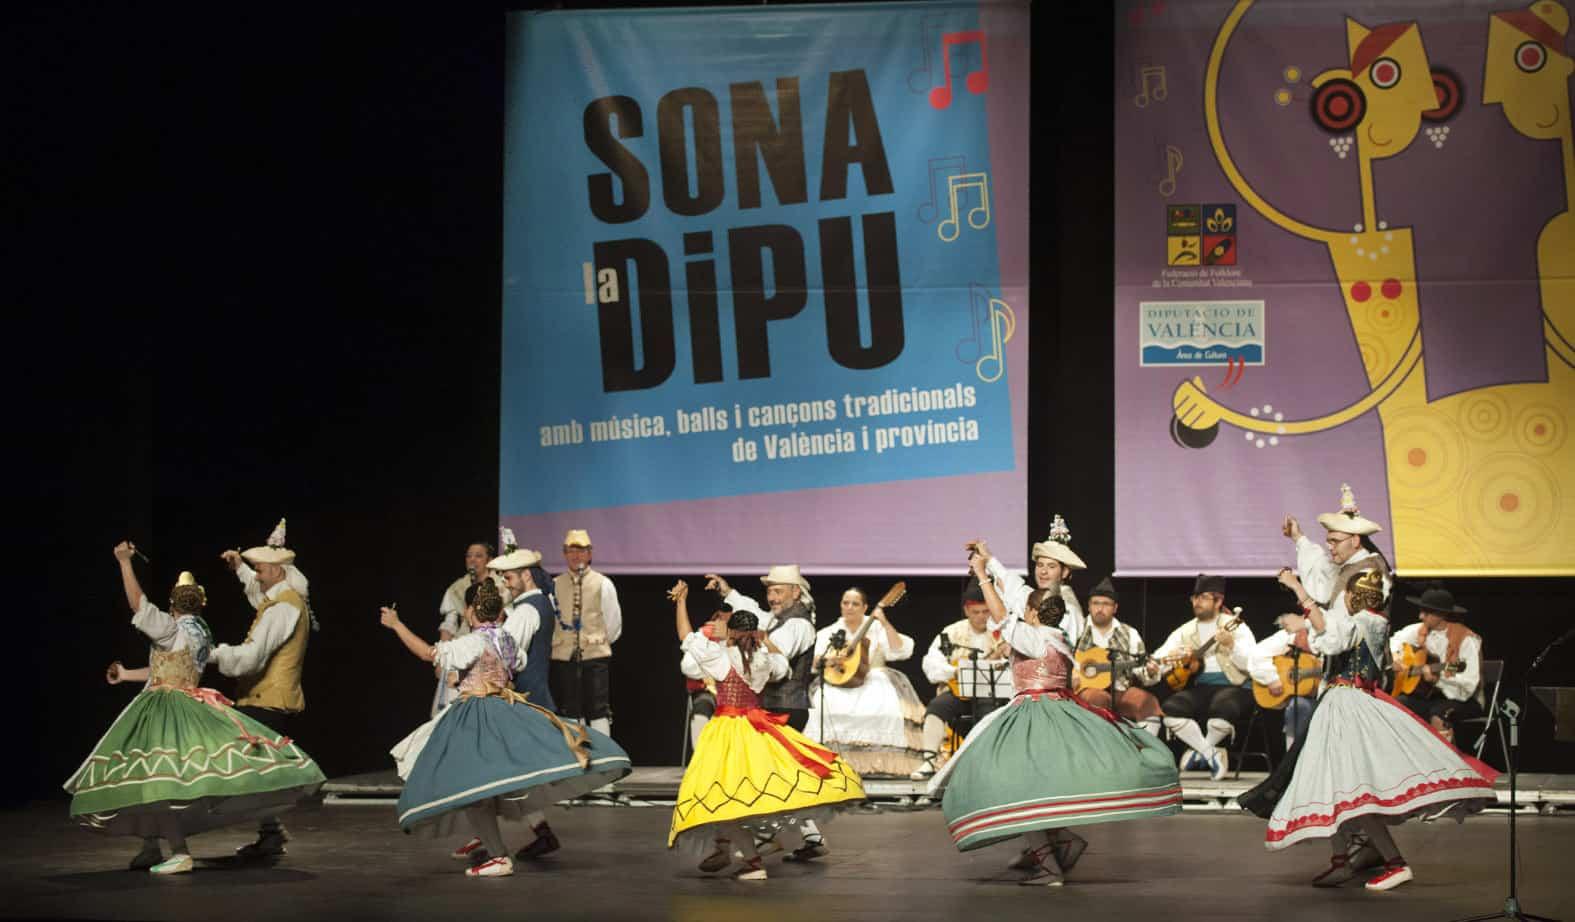 Día 8 de octubre del 2019 - Fiesta del 9 de Octubre en Valencia 2019